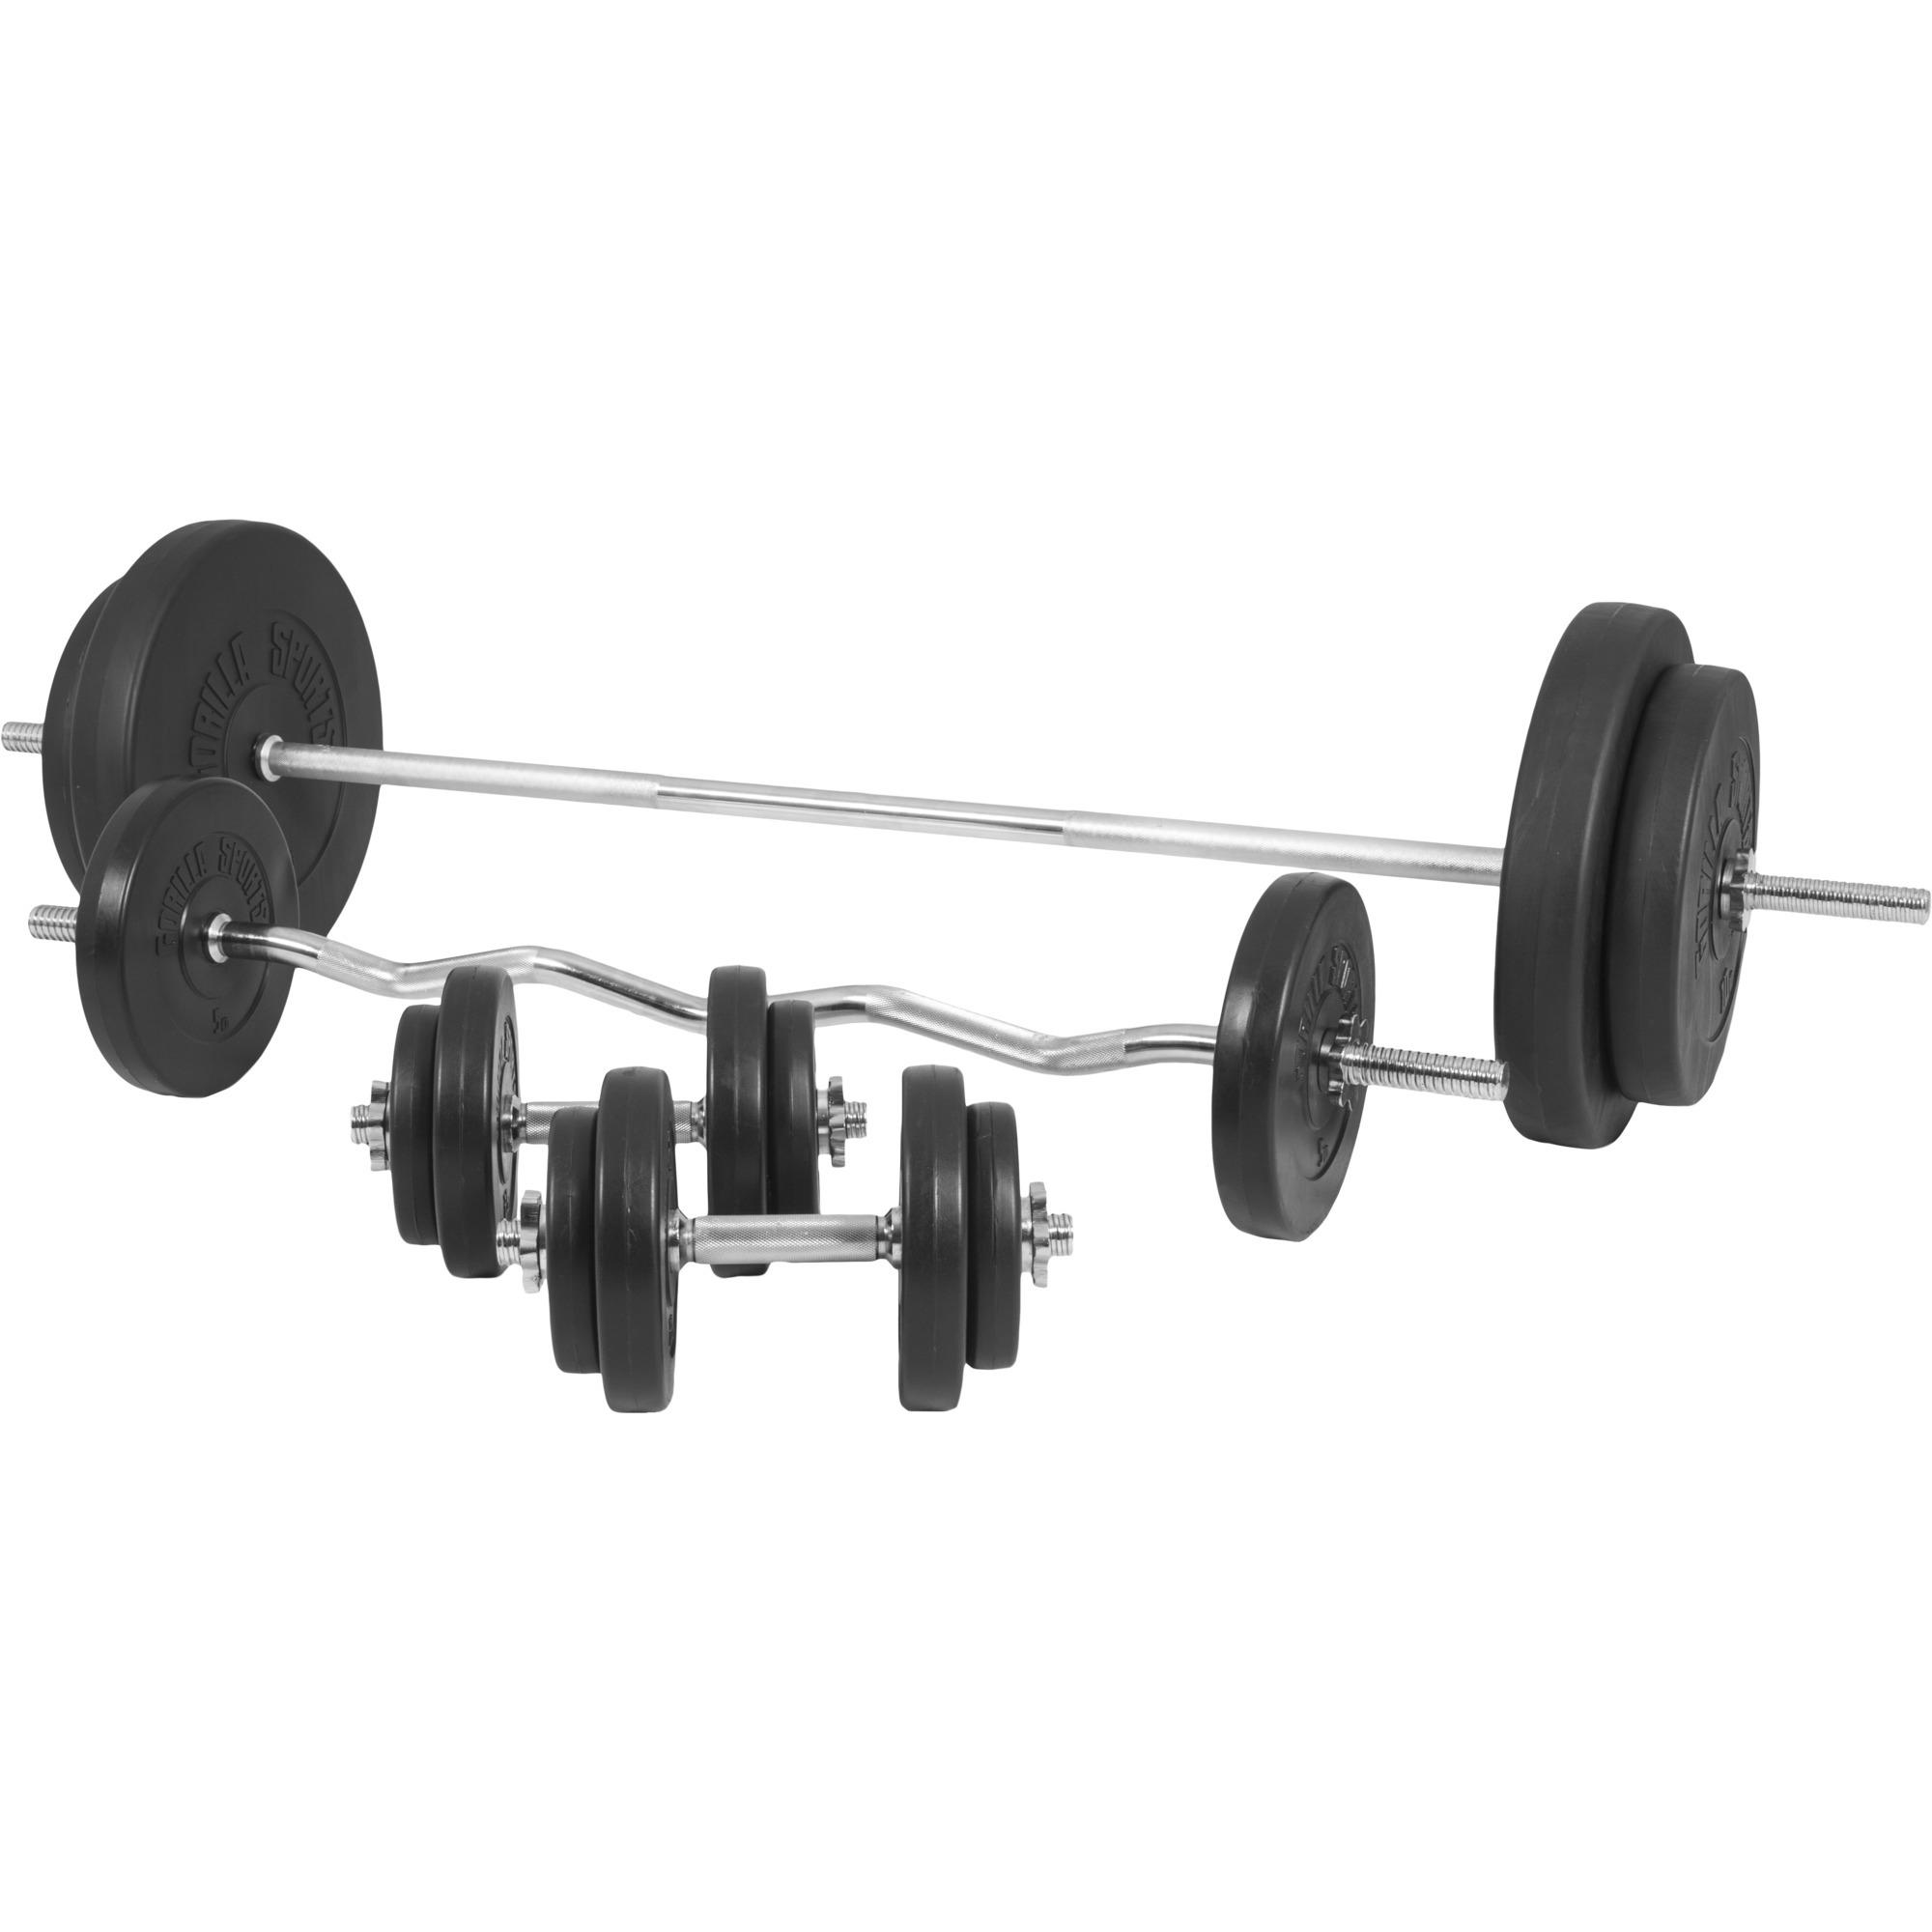 Banc de musculation universel Gs005 + Set haltères disques plastiques et Barres 97,5kg